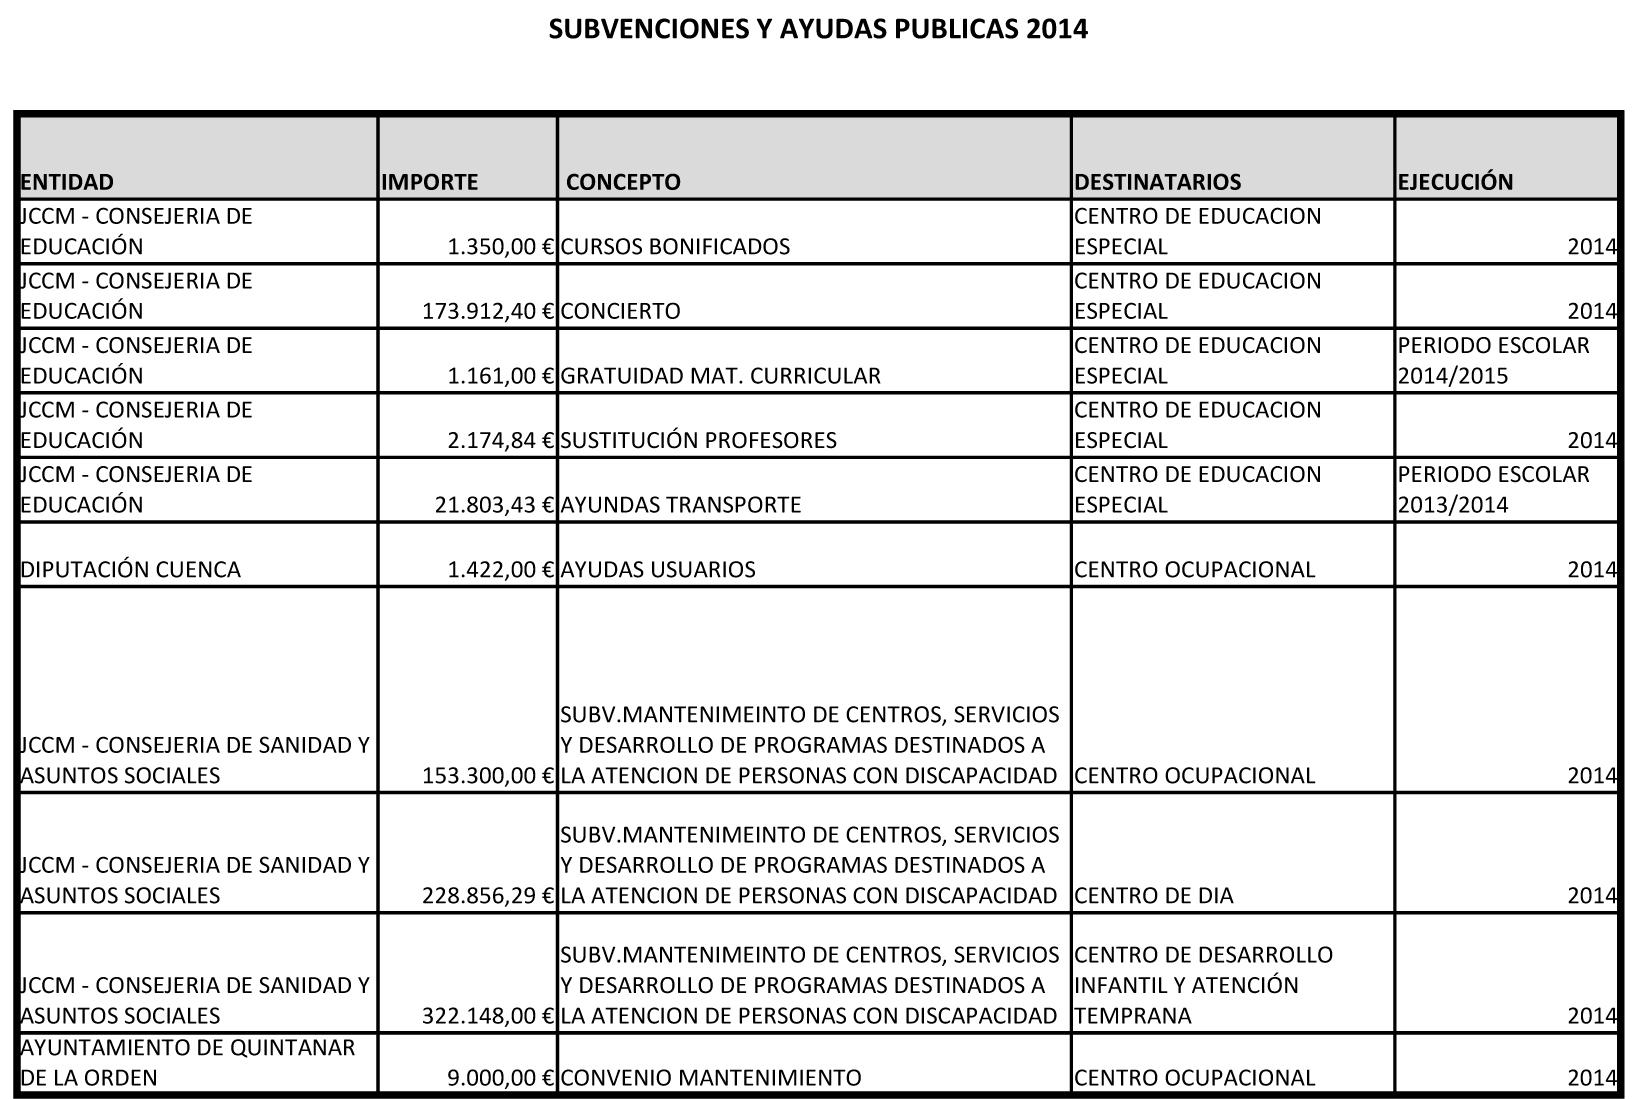 AYUDAS Y SUBV. PUBLICAS 2014